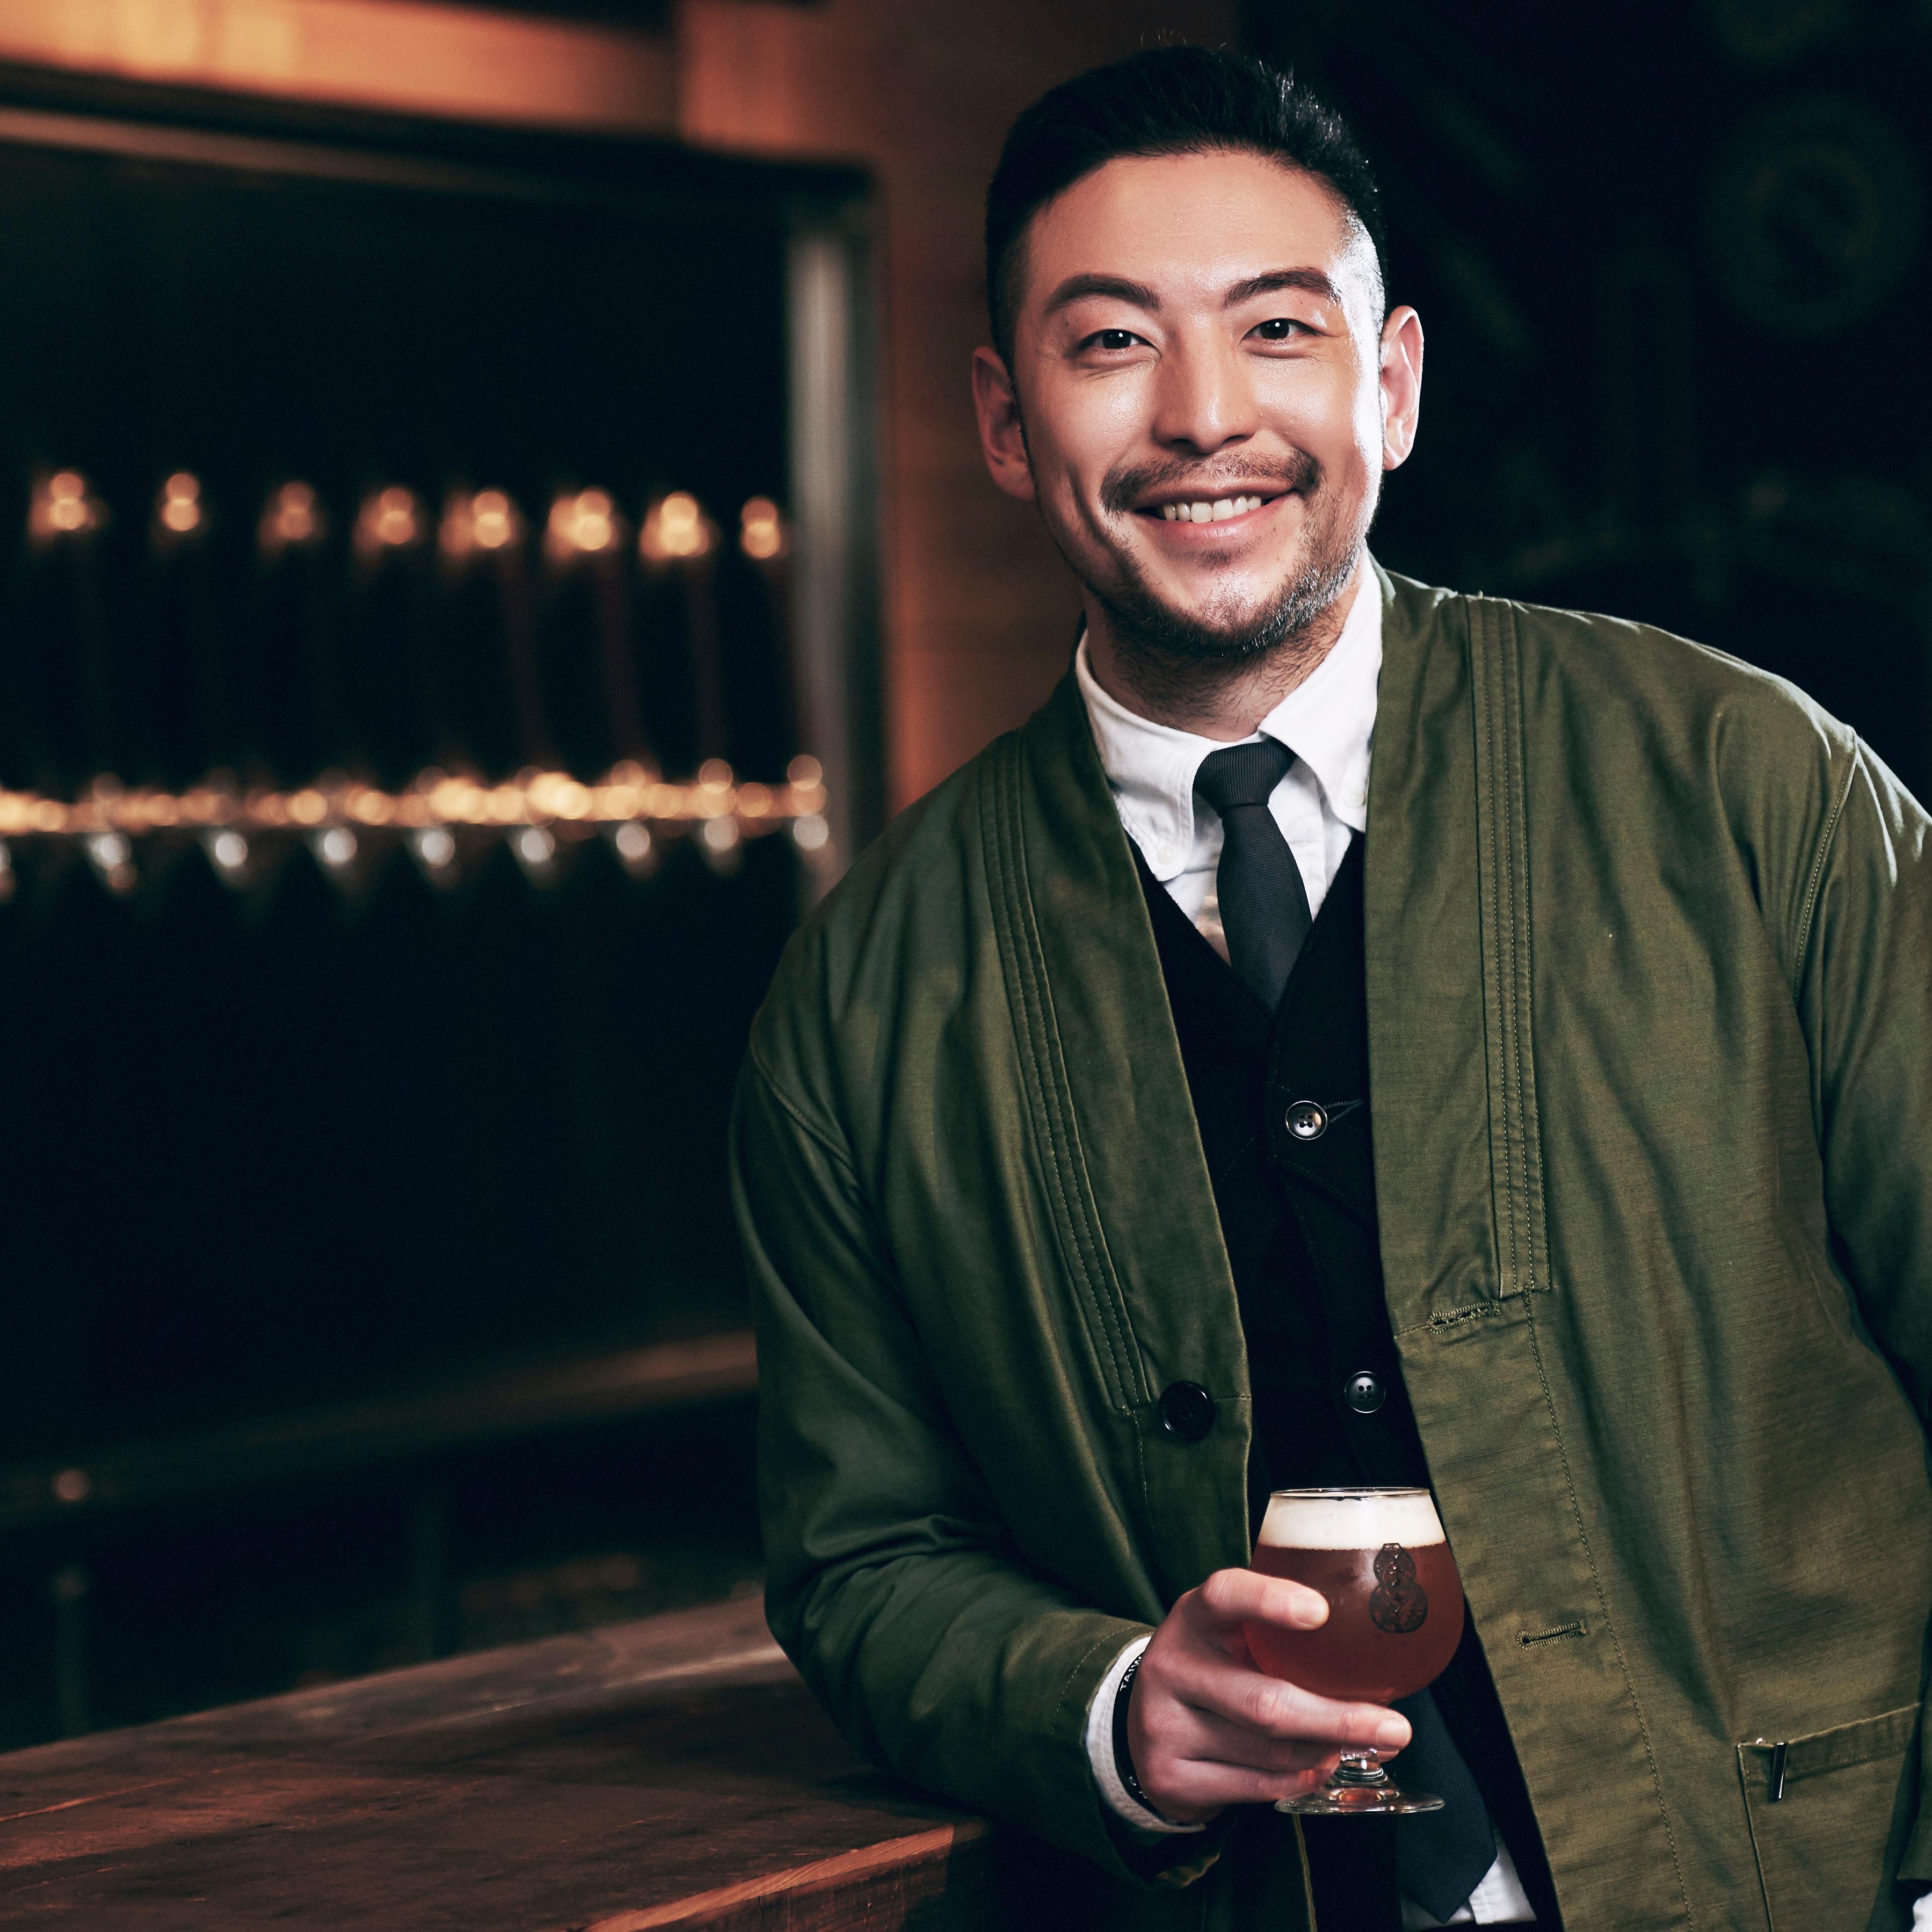 型男企業家,「臺虎精釀」創造啤酒大時代!